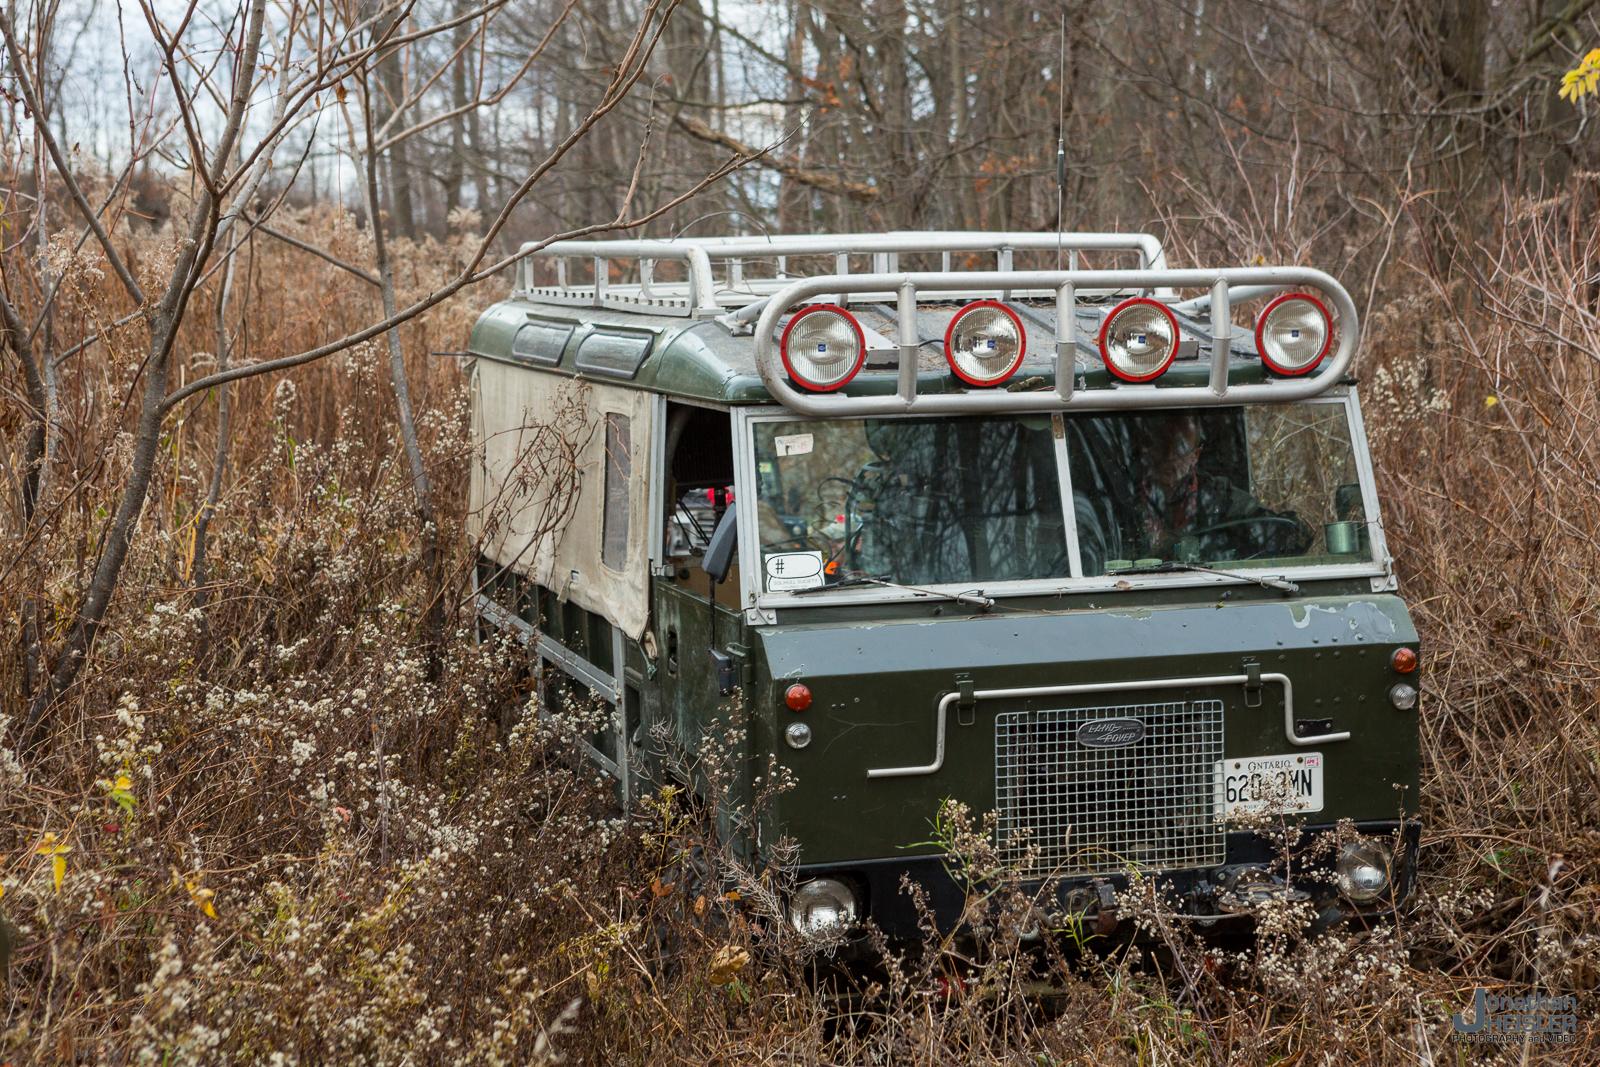 Guy Fawkes Land Rover_ Land Rover Defender __ Jonathan Heisler _ Jonathan Heisler Photography023.jpg